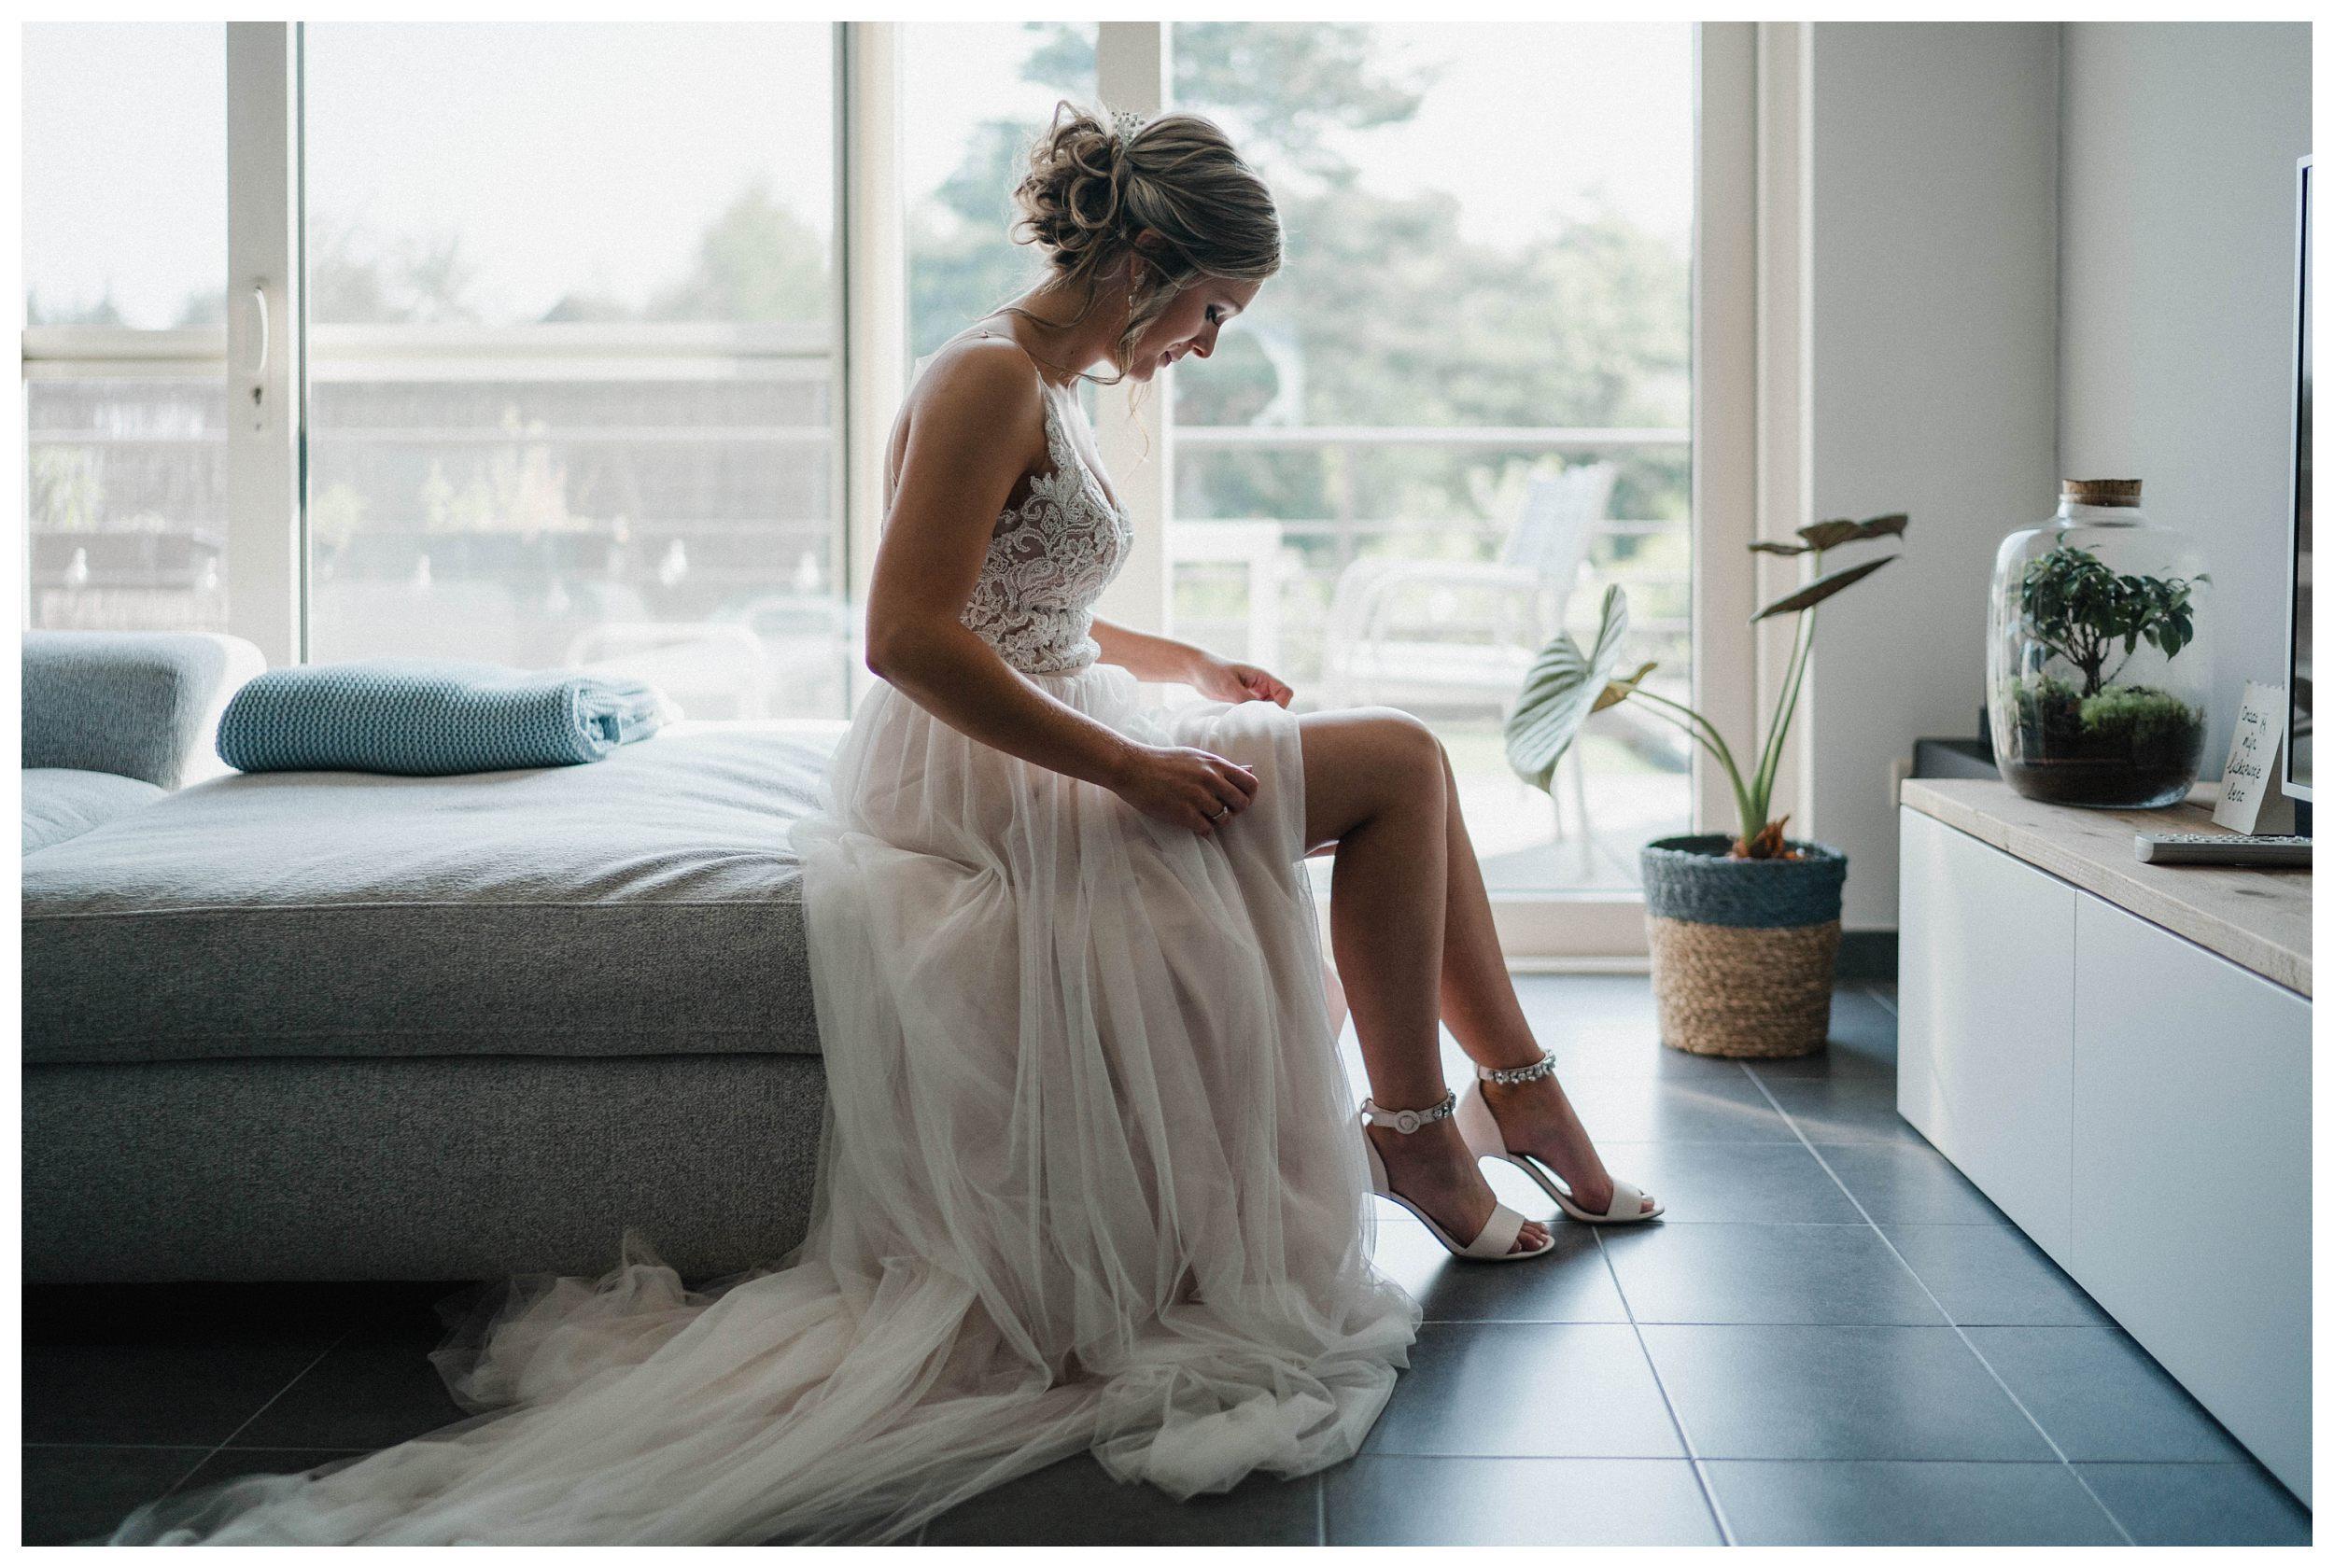 huwelijksfotograaf bruidsfotograaf destinationwedding huwelijksfotografie in mol oostham (11).jpg